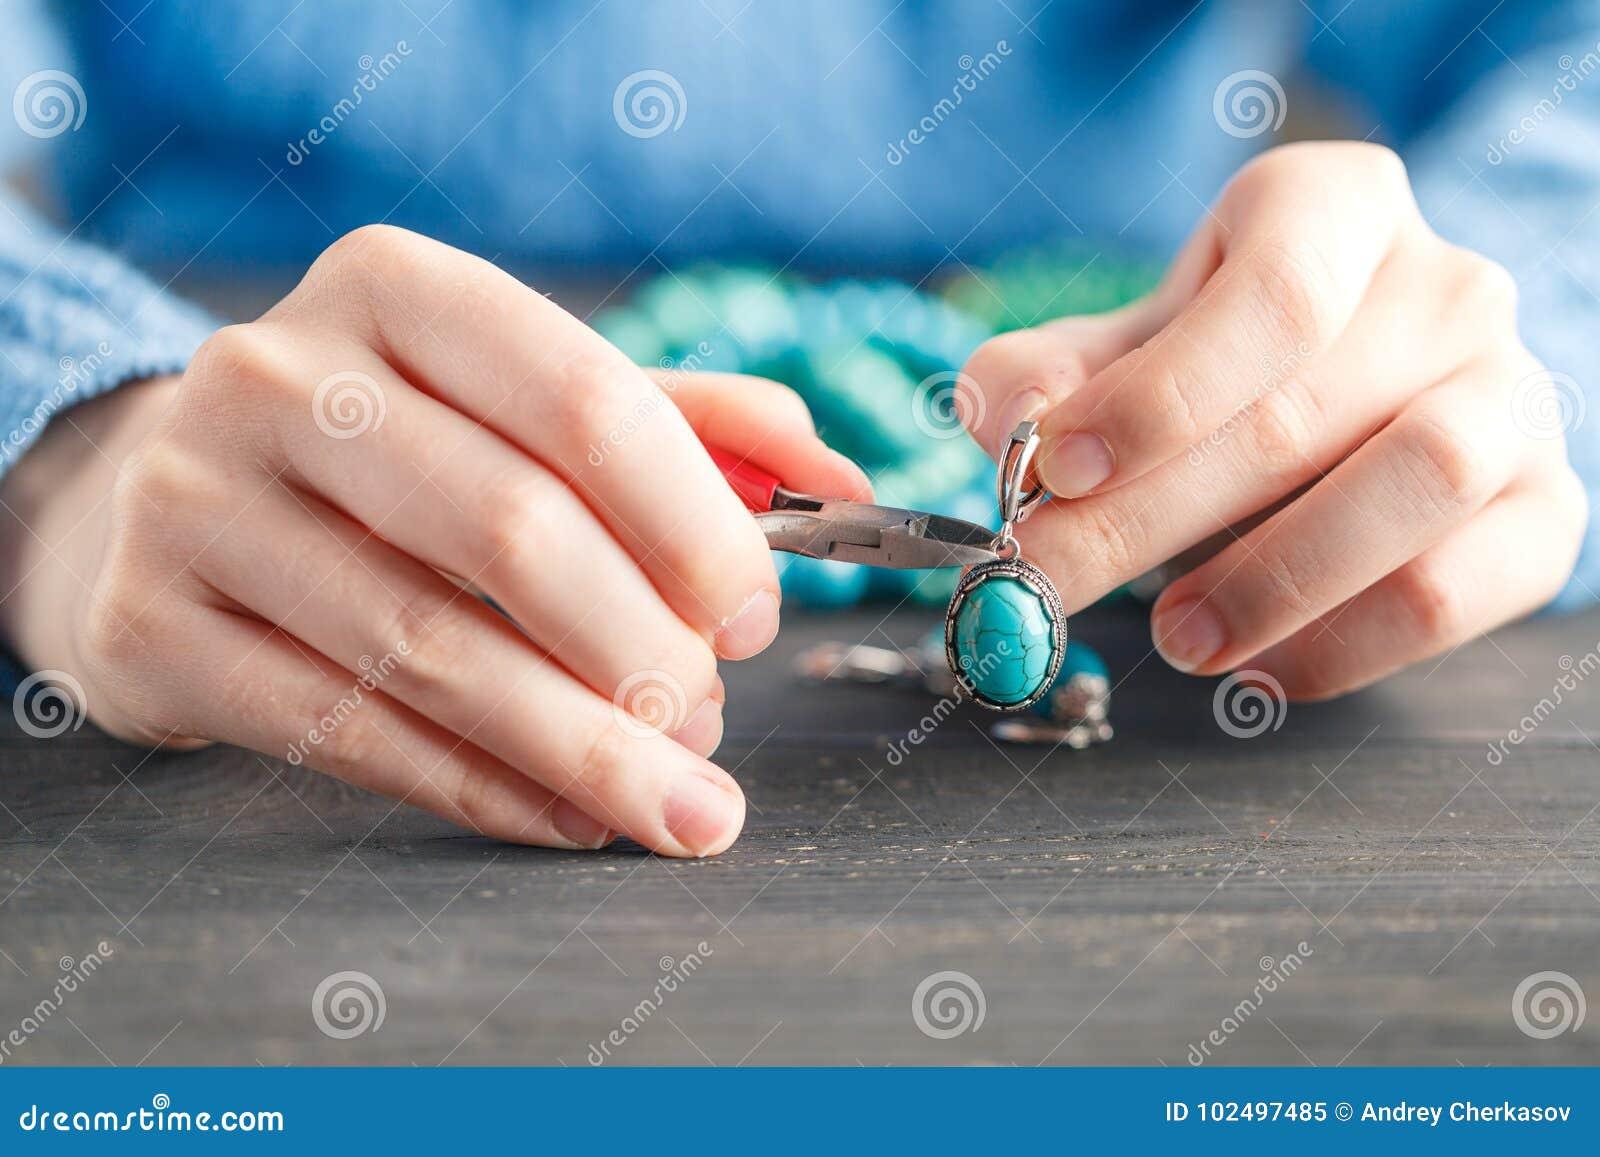 Handmade kolczyki robi, domowy warsztat Kobieta rzemieślnik tworzy kitki biżuterię Sztuka, hobby, rękodzieła pojęcie